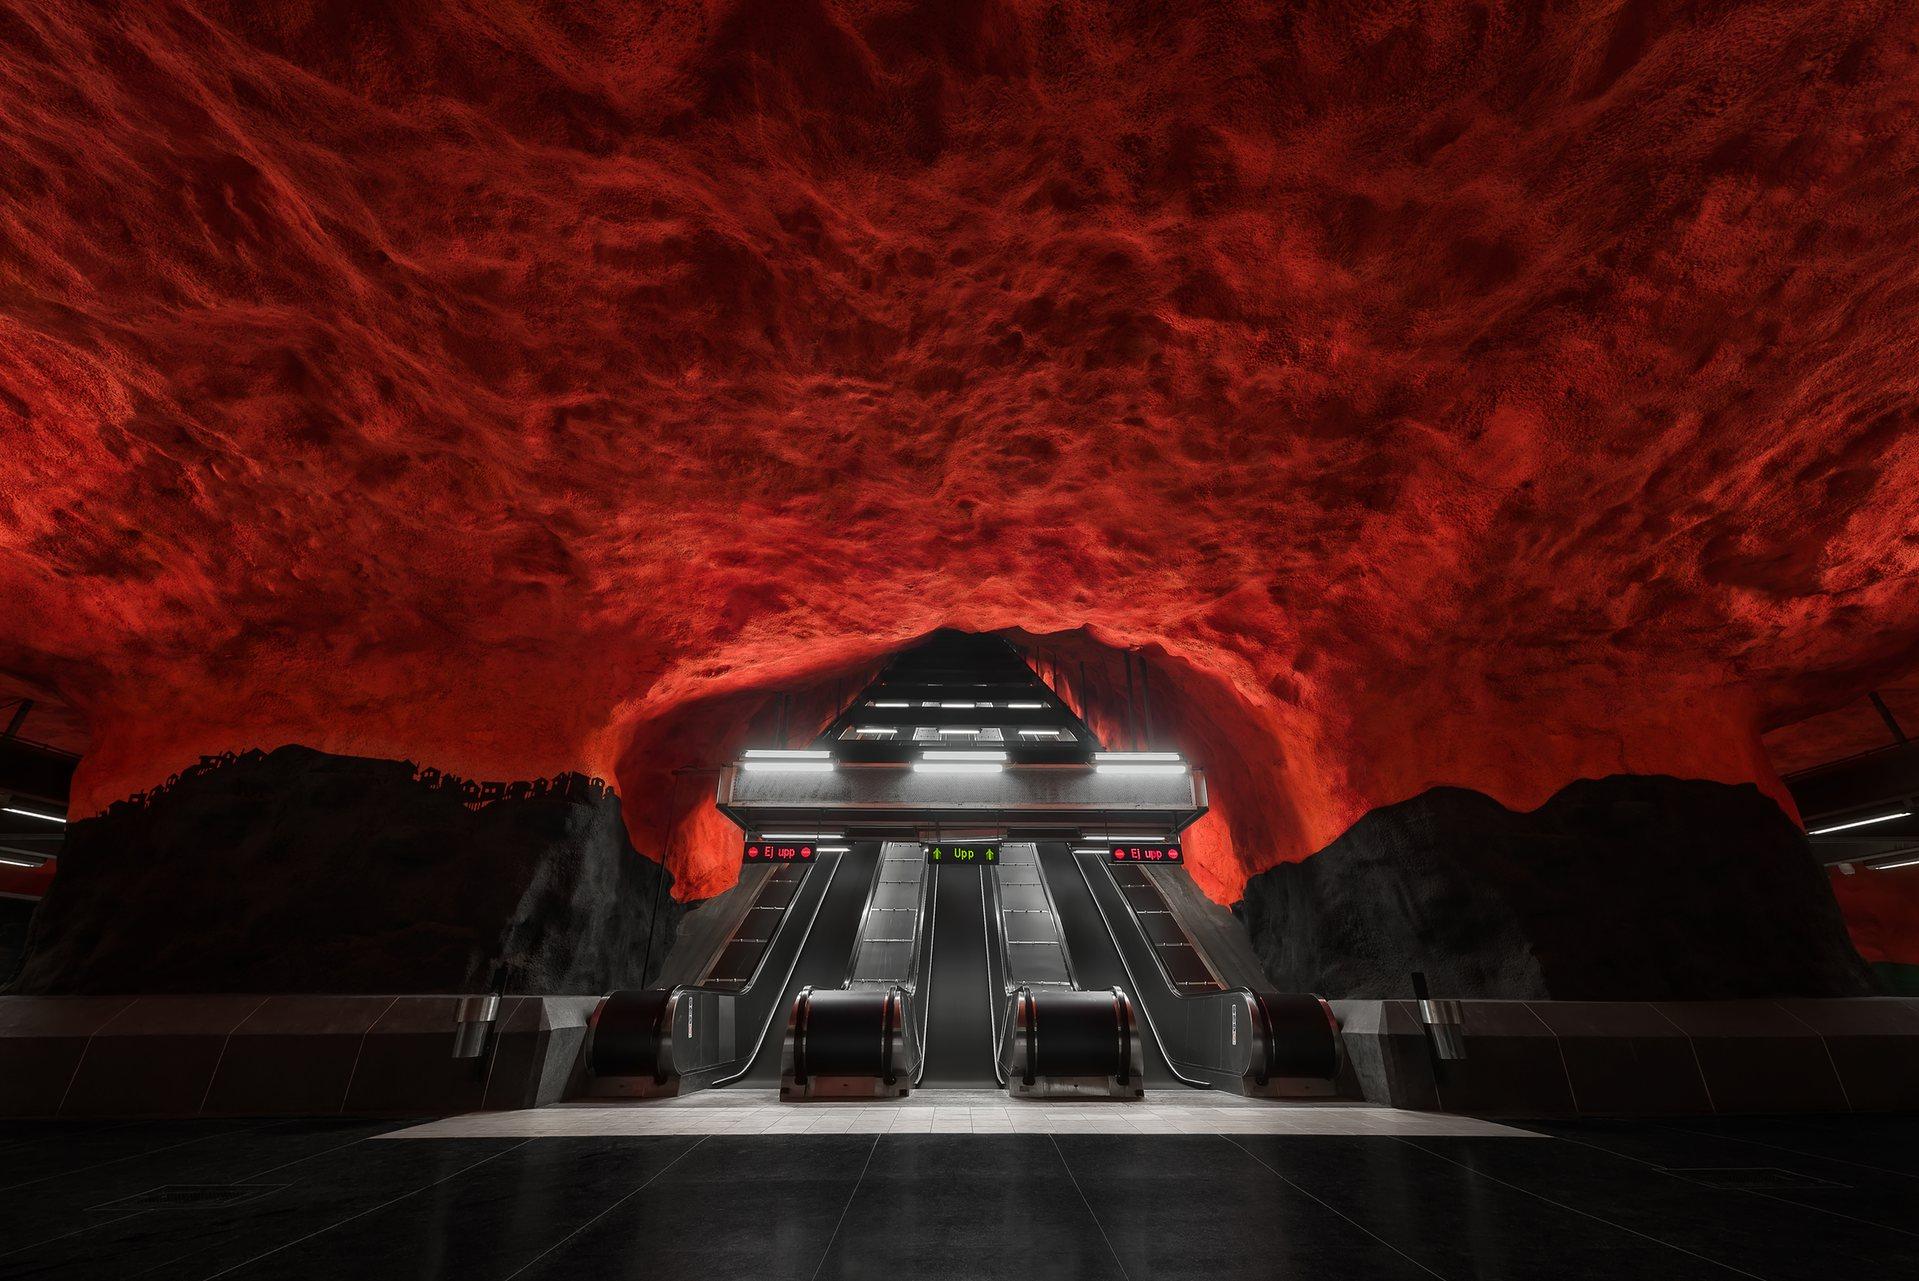 A vörös és a fekete dominál a Solna Centrum megállóban, ami egyébként a kék metró vonalán van.